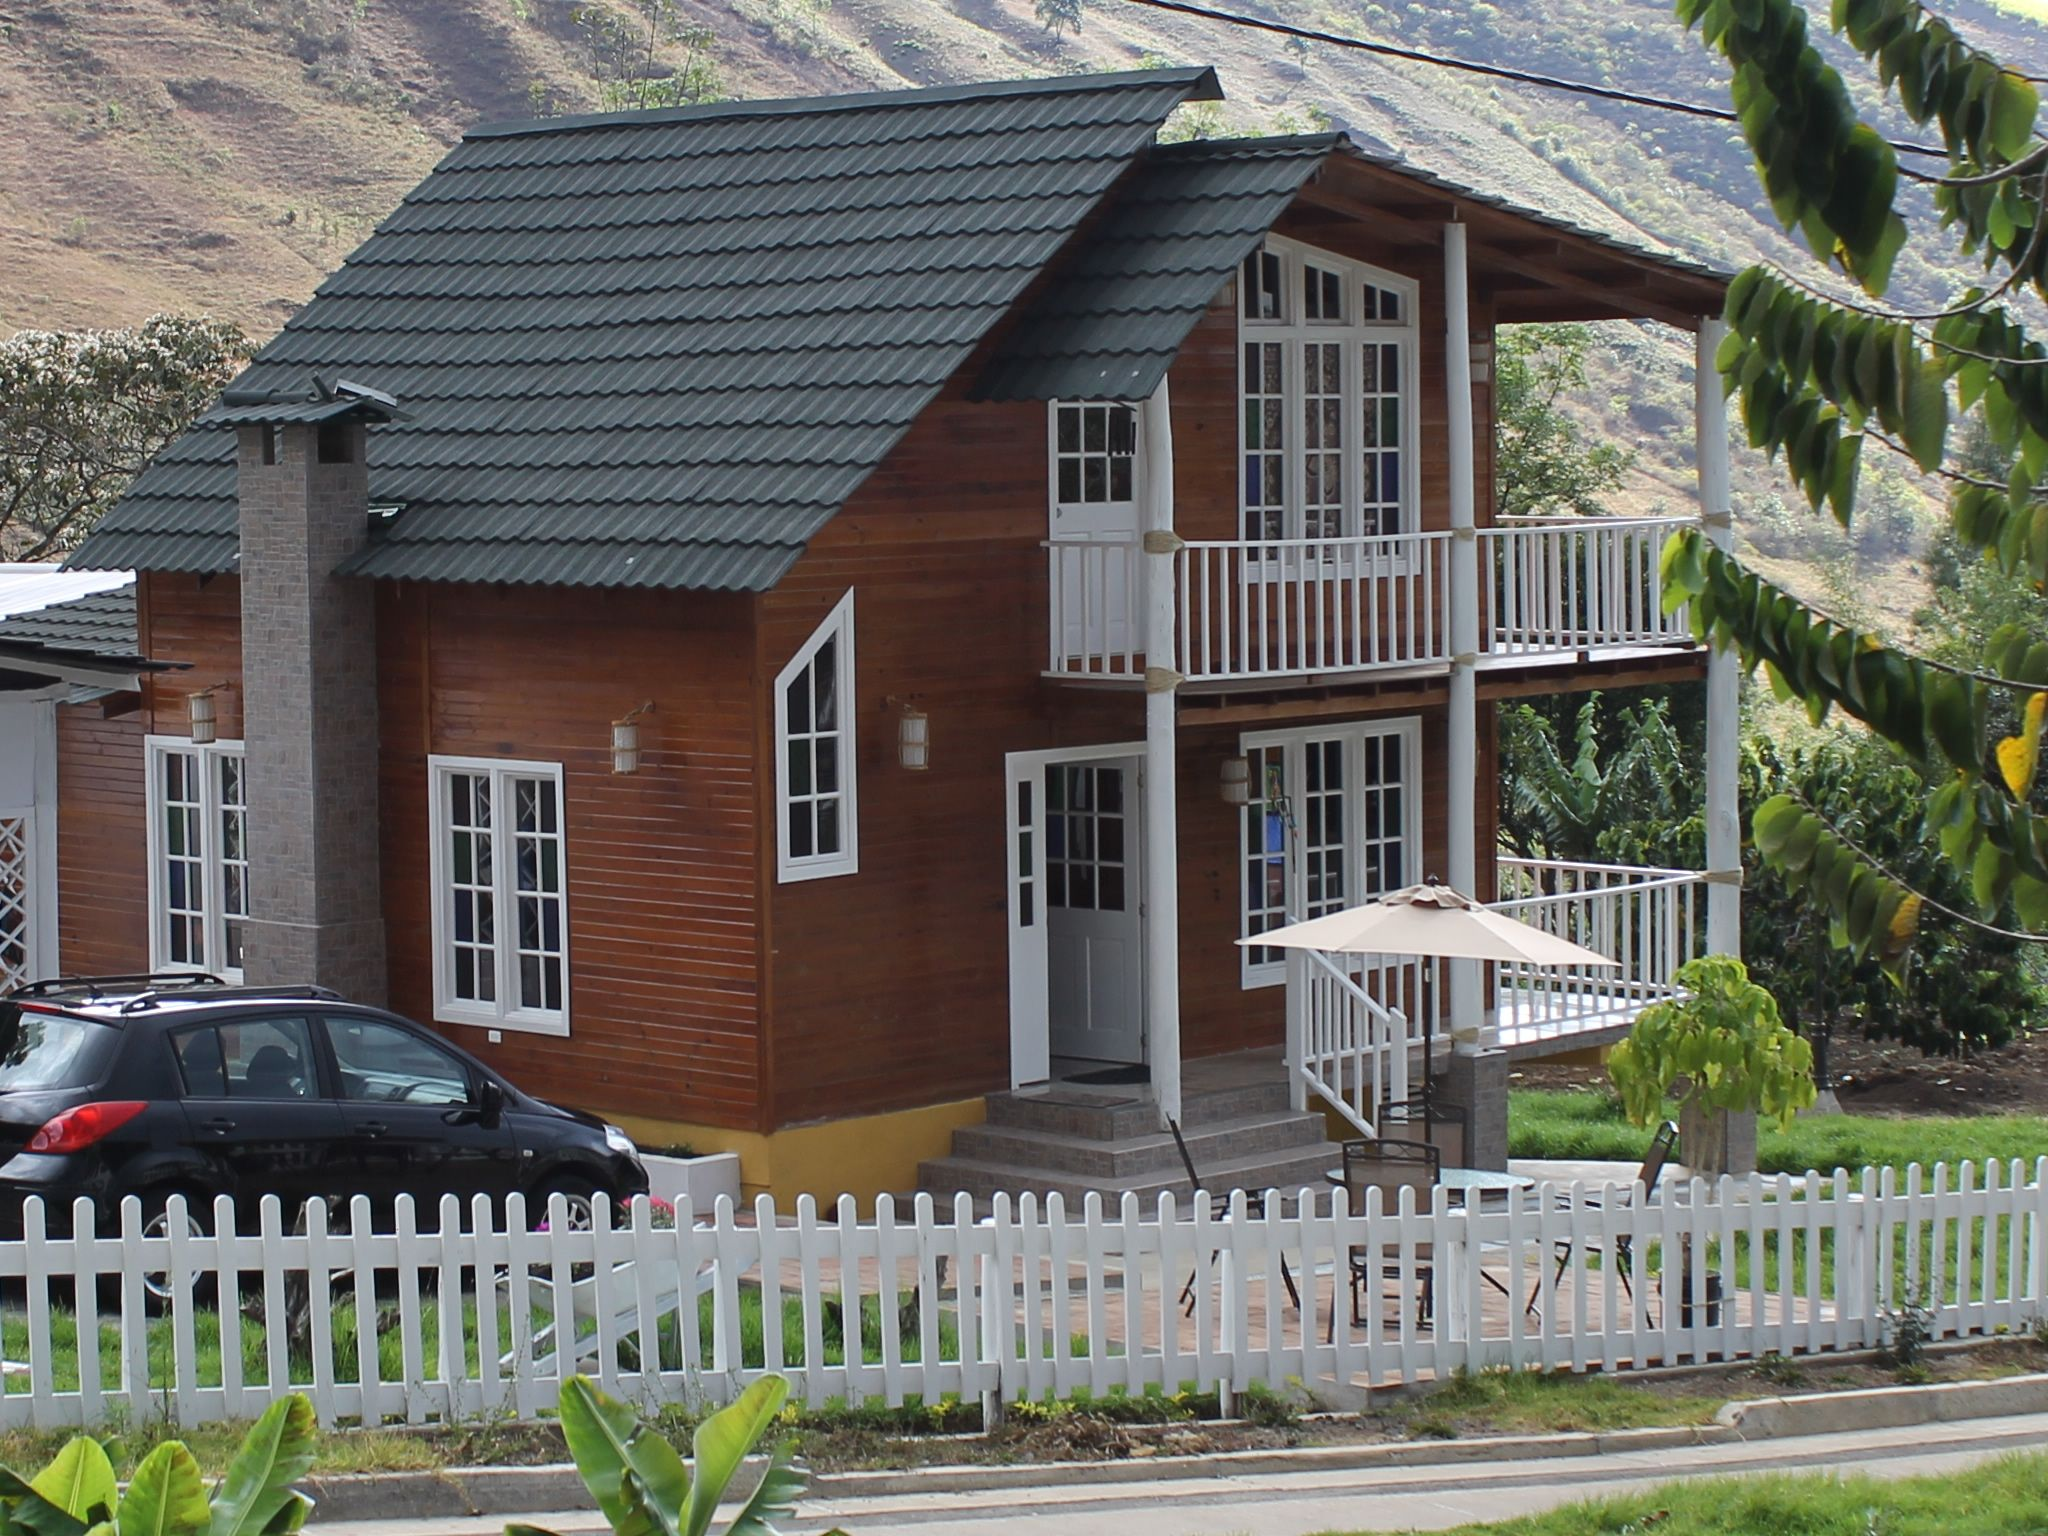 Casa de madera construexpress en sur de colombia casas en - Casas prefabricadas americanas en espana ...